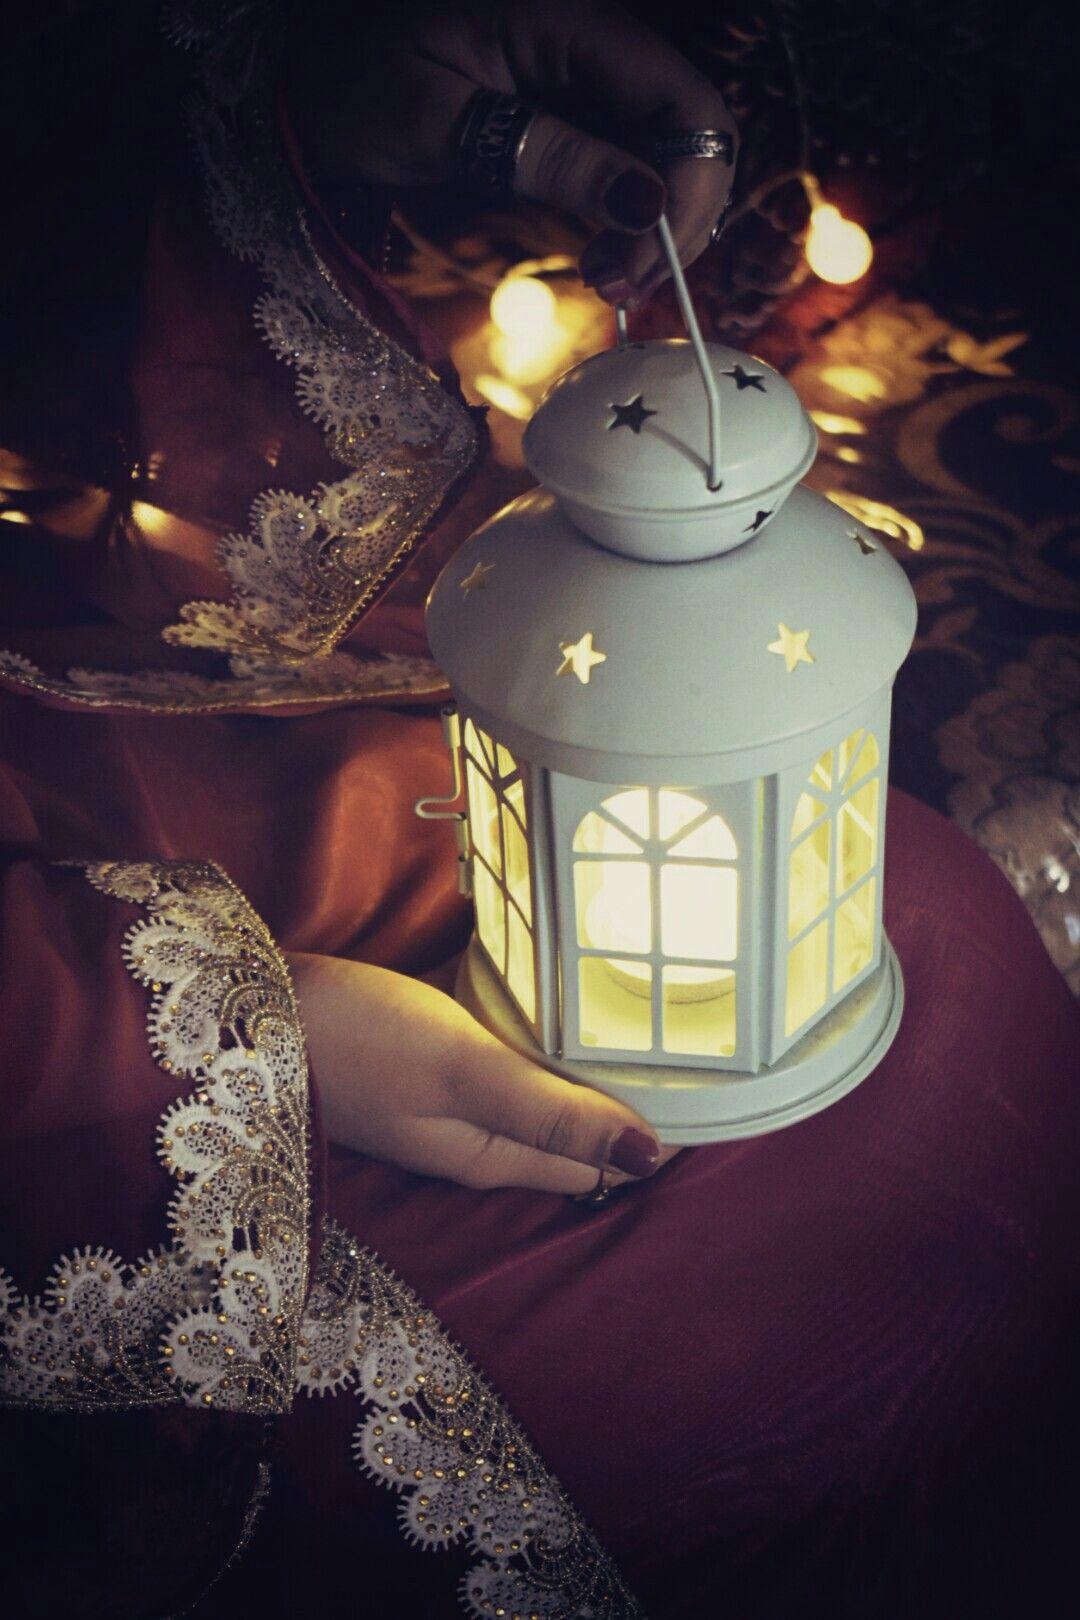 الأجواء الرمضانية وزينة رمضان شغلات لطيفة رمضان فانوس رمزيات رمضانيه صور رمضان Novelty Lamp Ramadan Decor